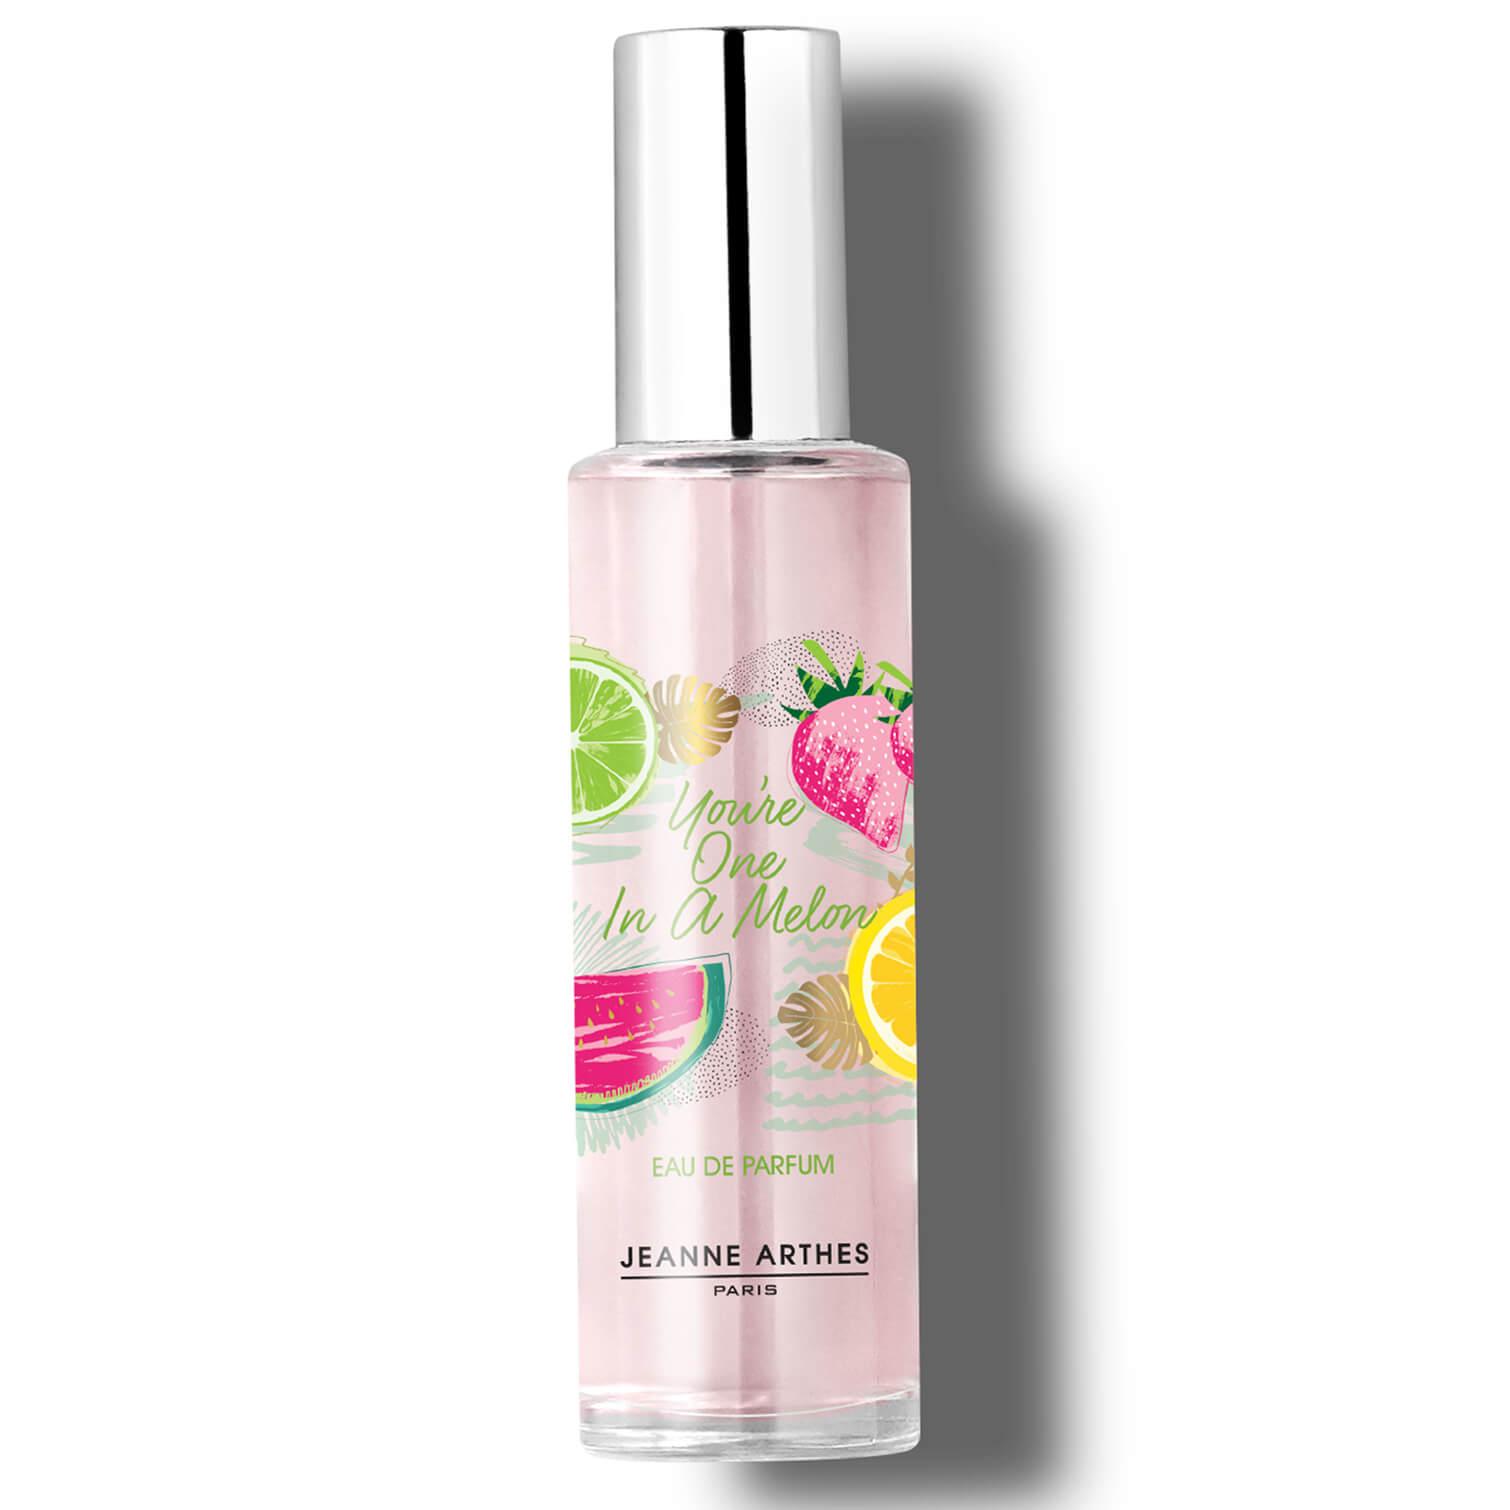 Melon perfume bottle | Etsy UK